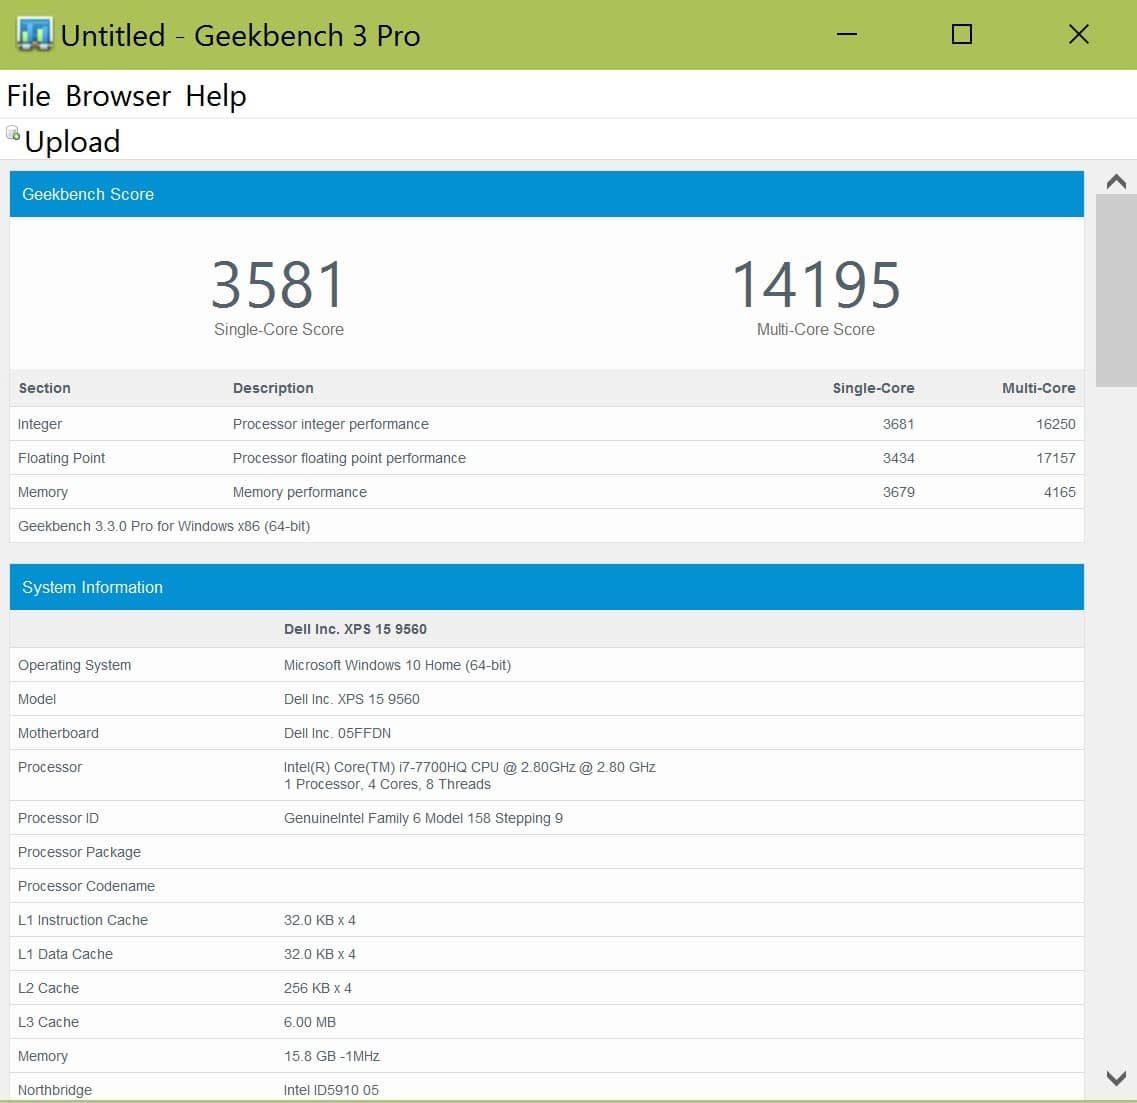 Dell XPS 15 9560 review - Core i7 CPU, Nivida 1050 graphics